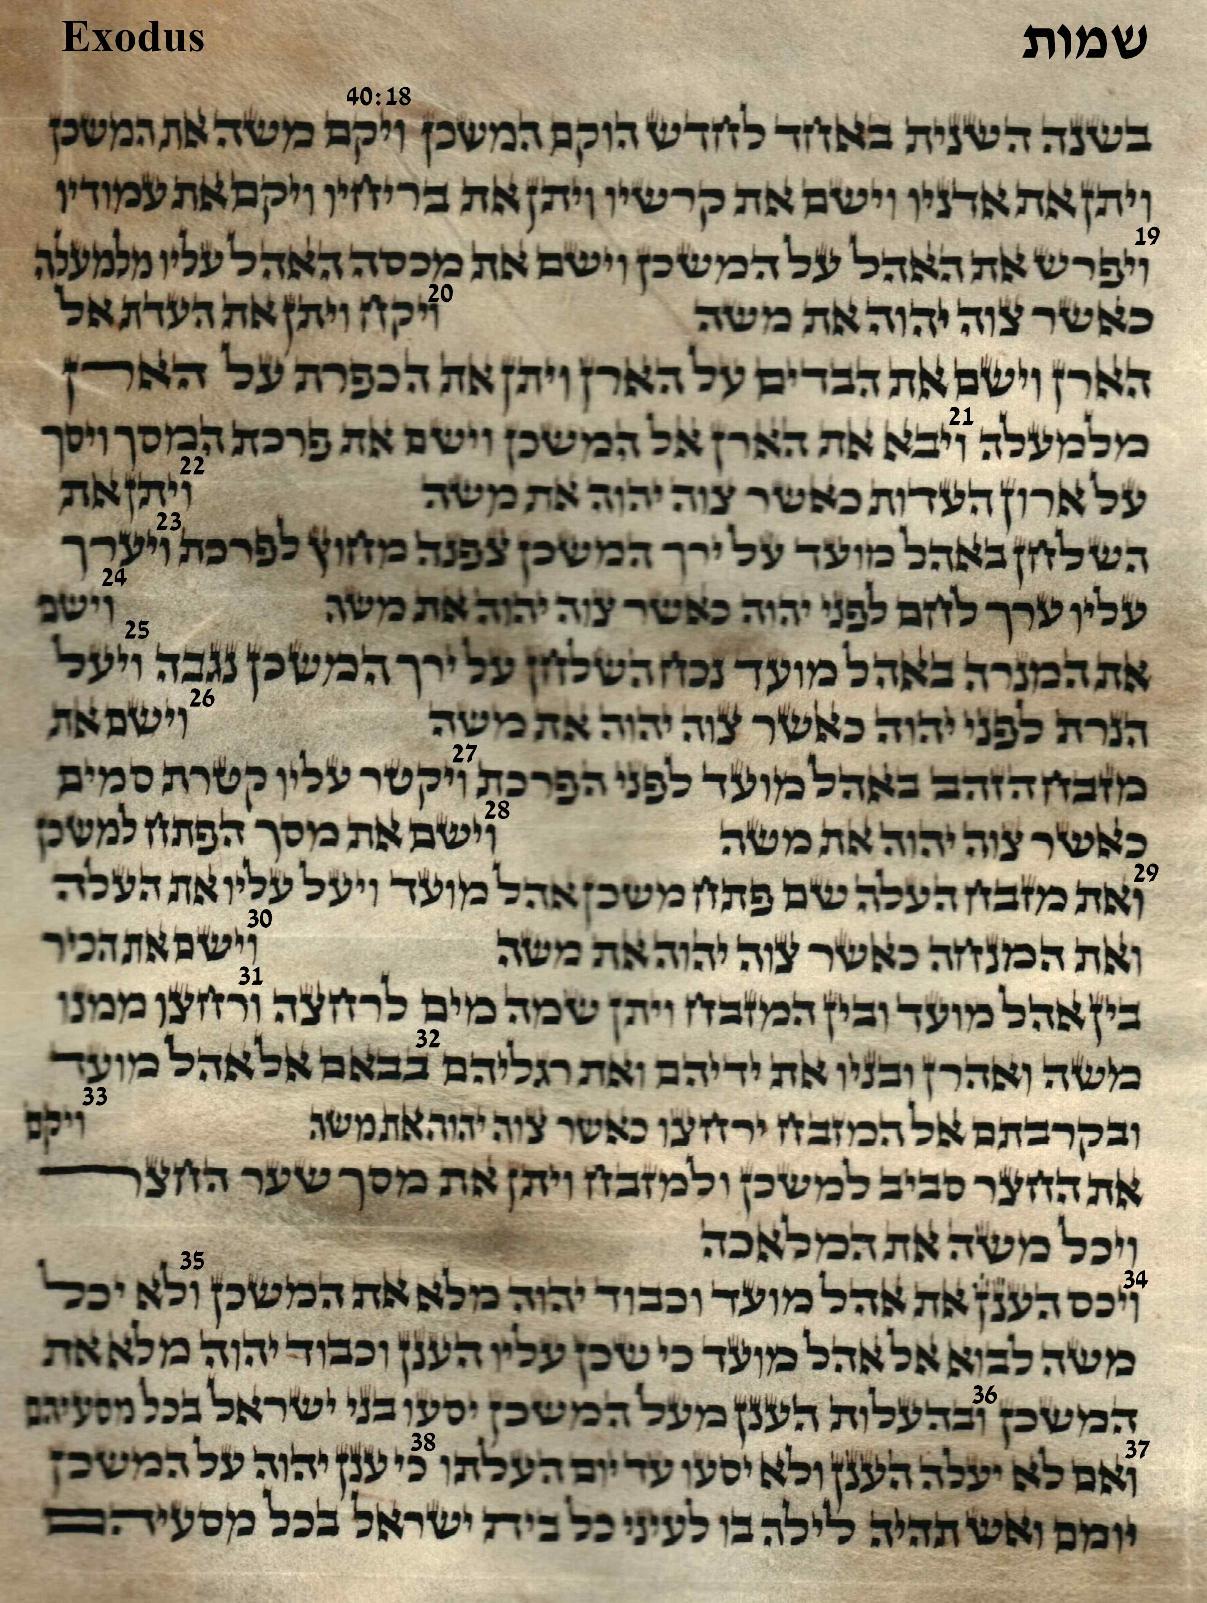 Exodus 40.18 -40.38